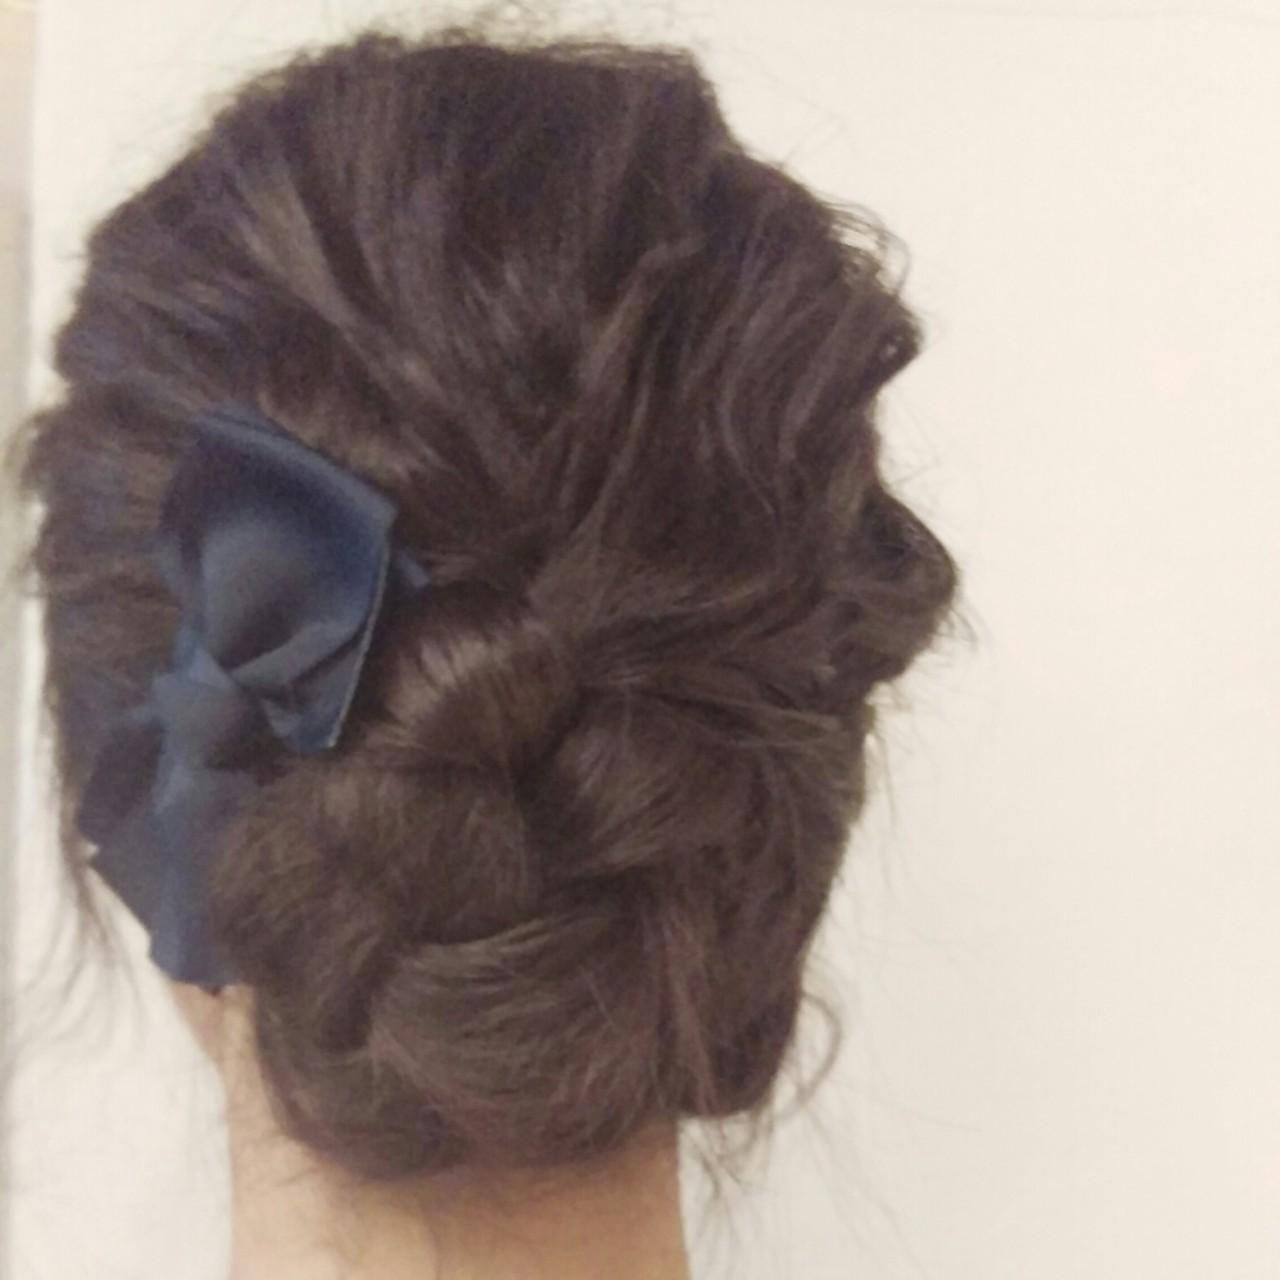 セミロング 簡単ヘアアレンジ ナチュラル アッシュ ヘアスタイルや髪型の写真・画像 | 吉村夏美 / RavoHAIR